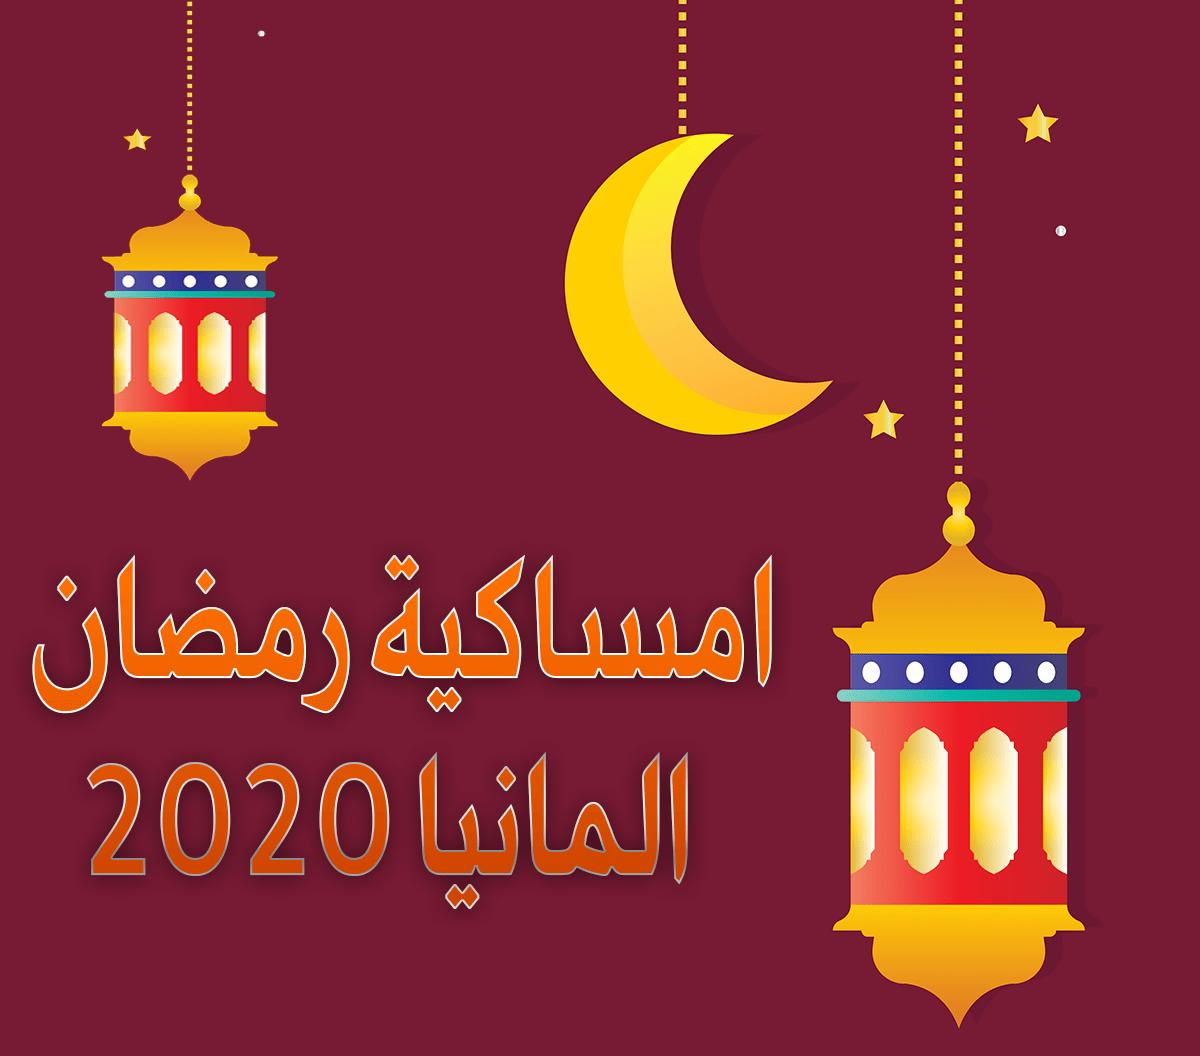 امساكية رمضان هامبورغ المانيا 2020